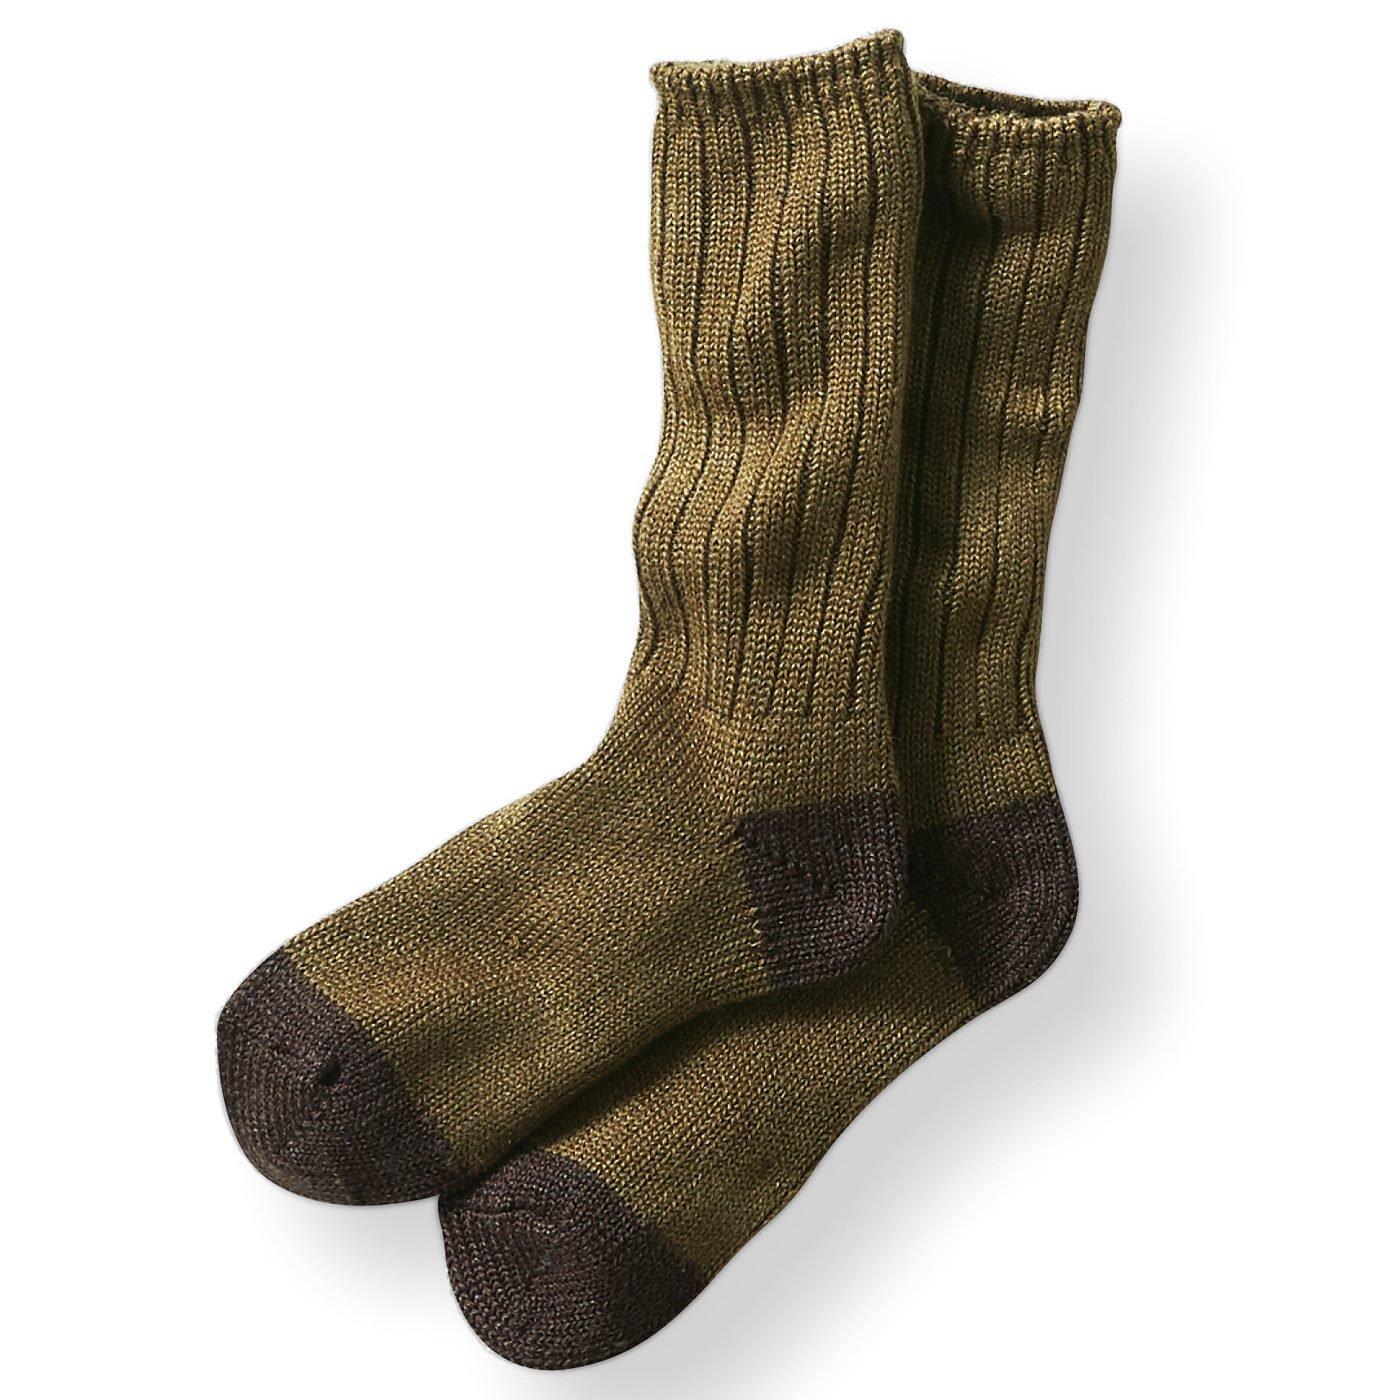 古着屋さんで見つけたようなウール混ざっくり靴下〈オリーブグリーン〉